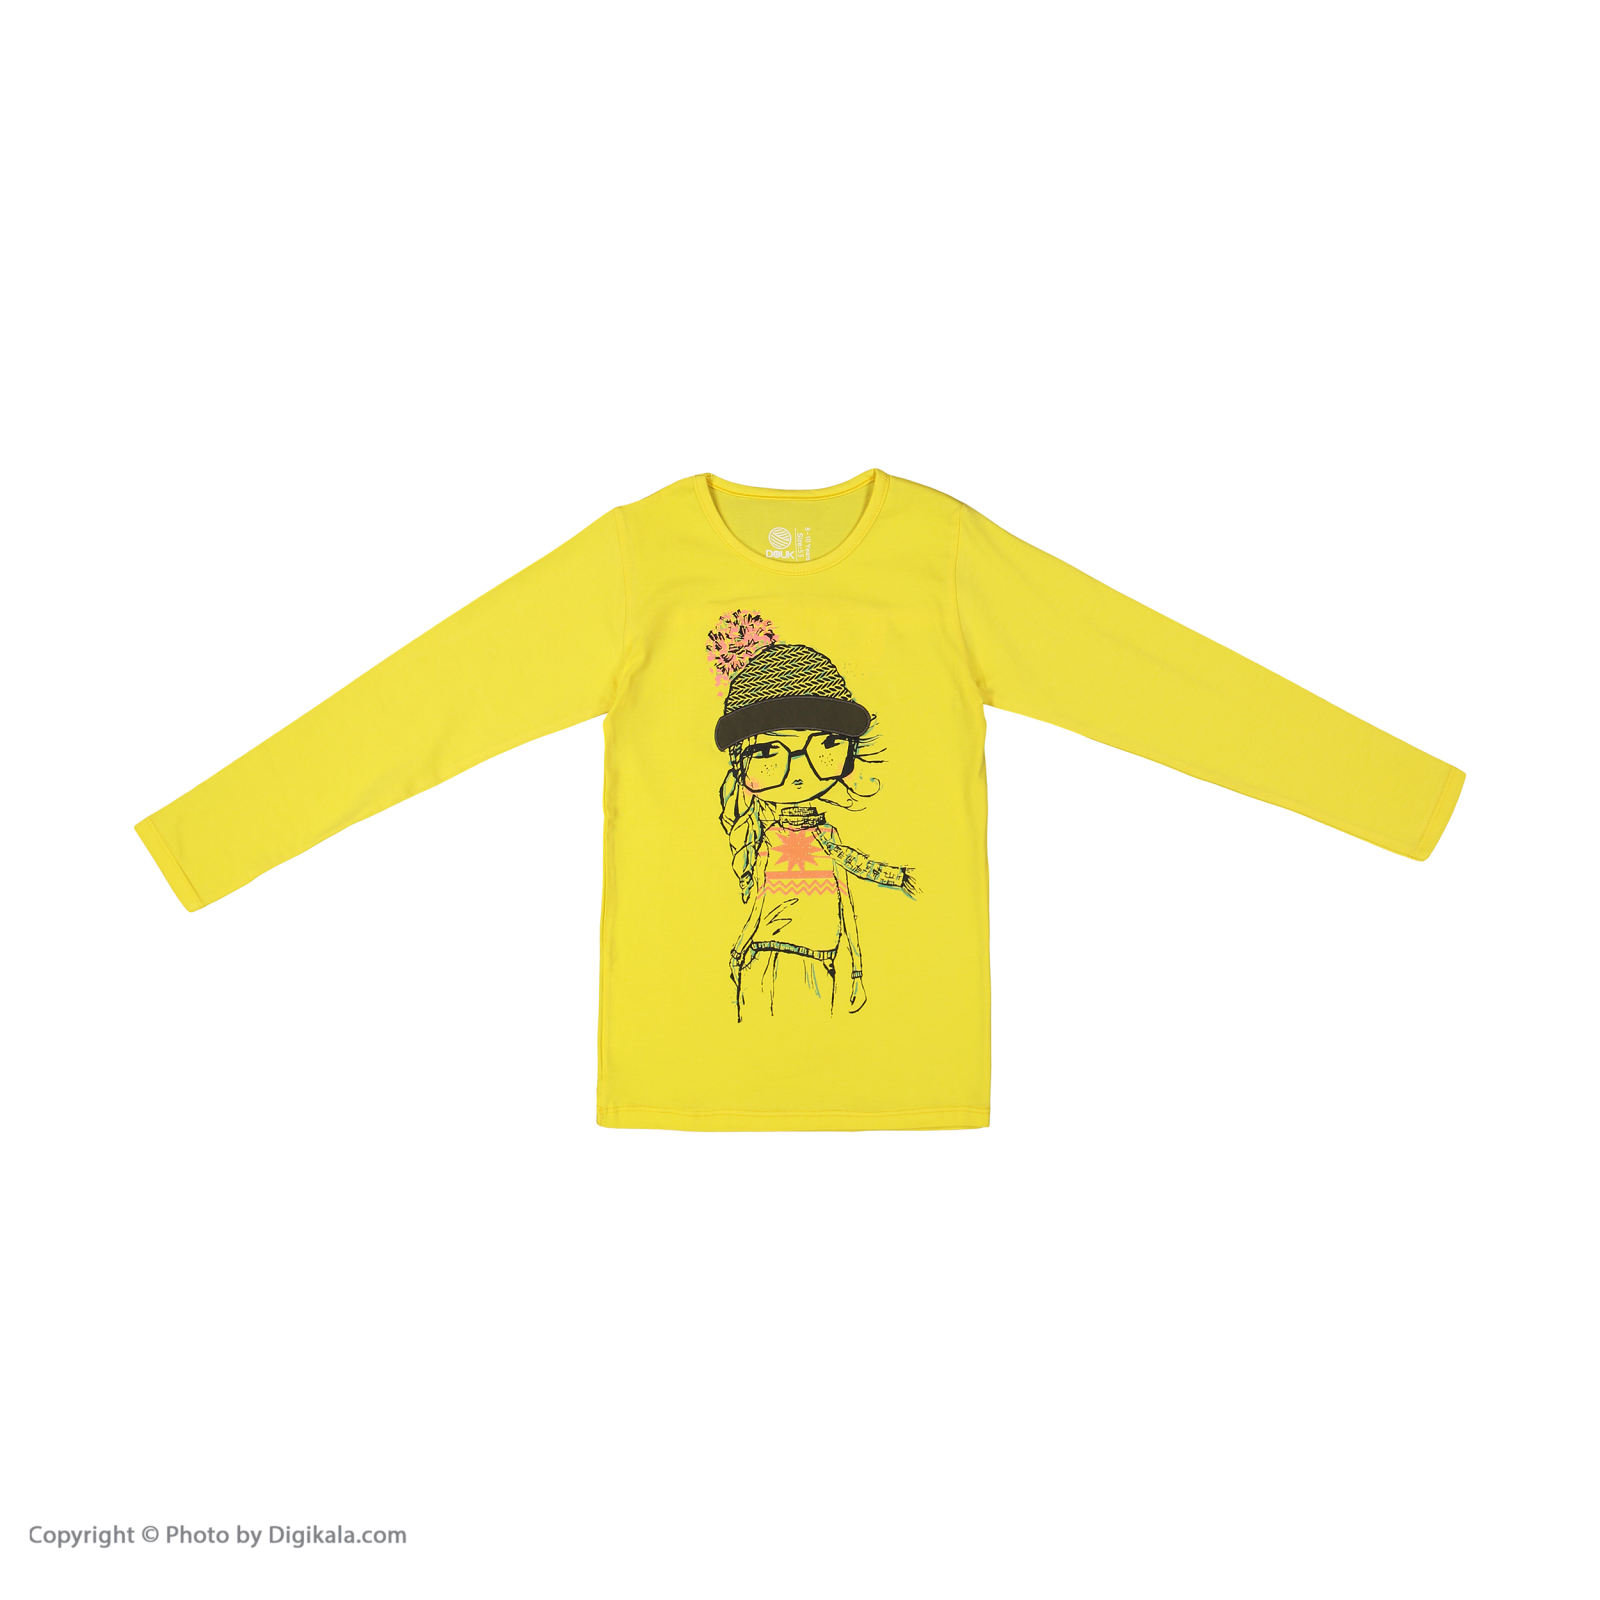 تی شرت دخترانه سون پون مدل 1391355-19 -  - 3